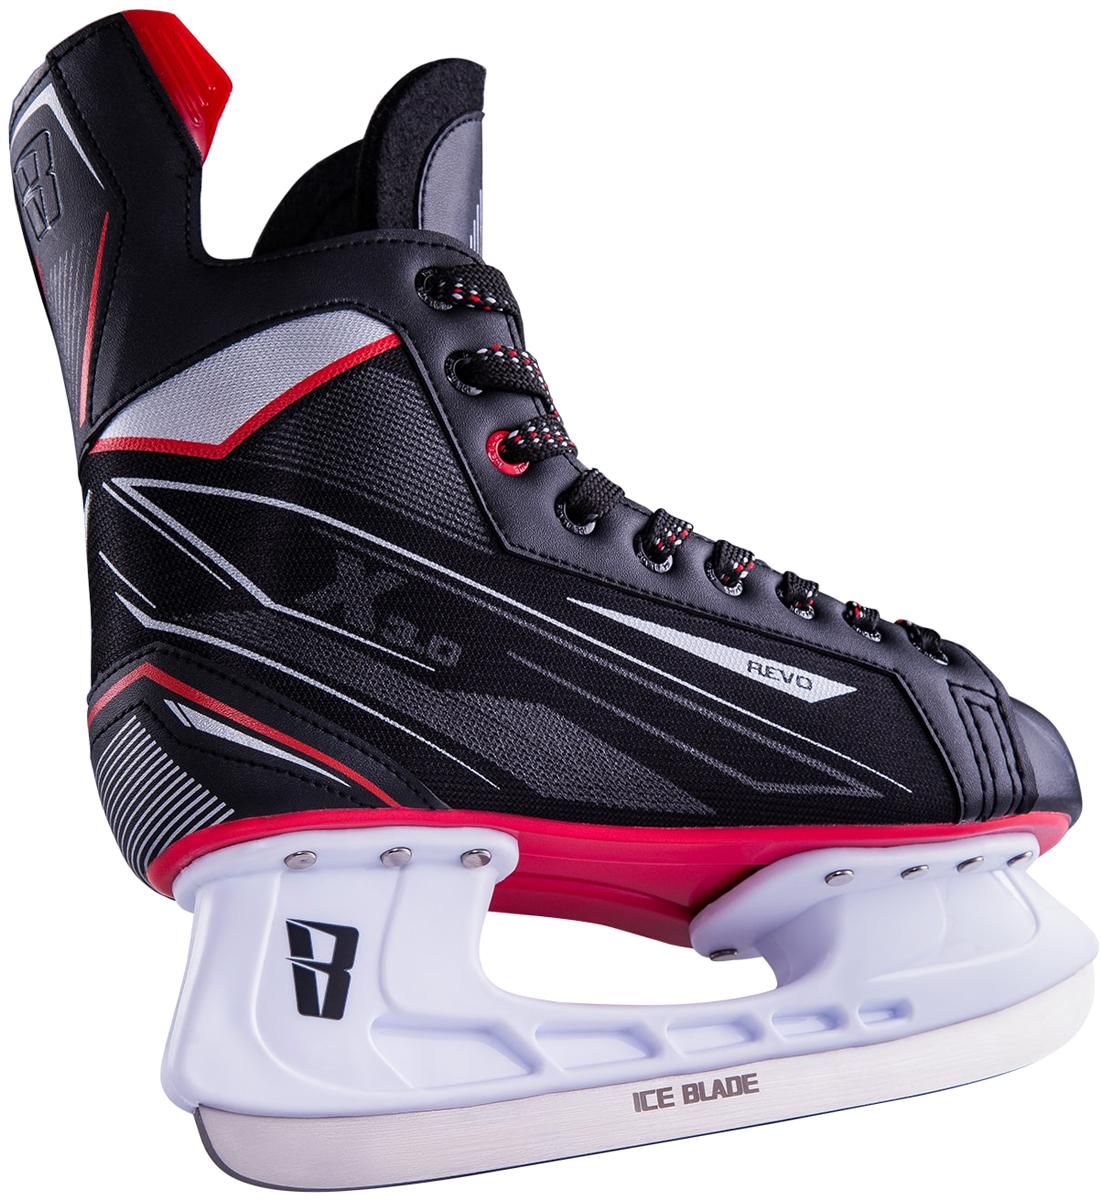 """Коньки хоккейные мужские Ice Blade """"Revo"""", цвет: черный, красный. Размер 37"""